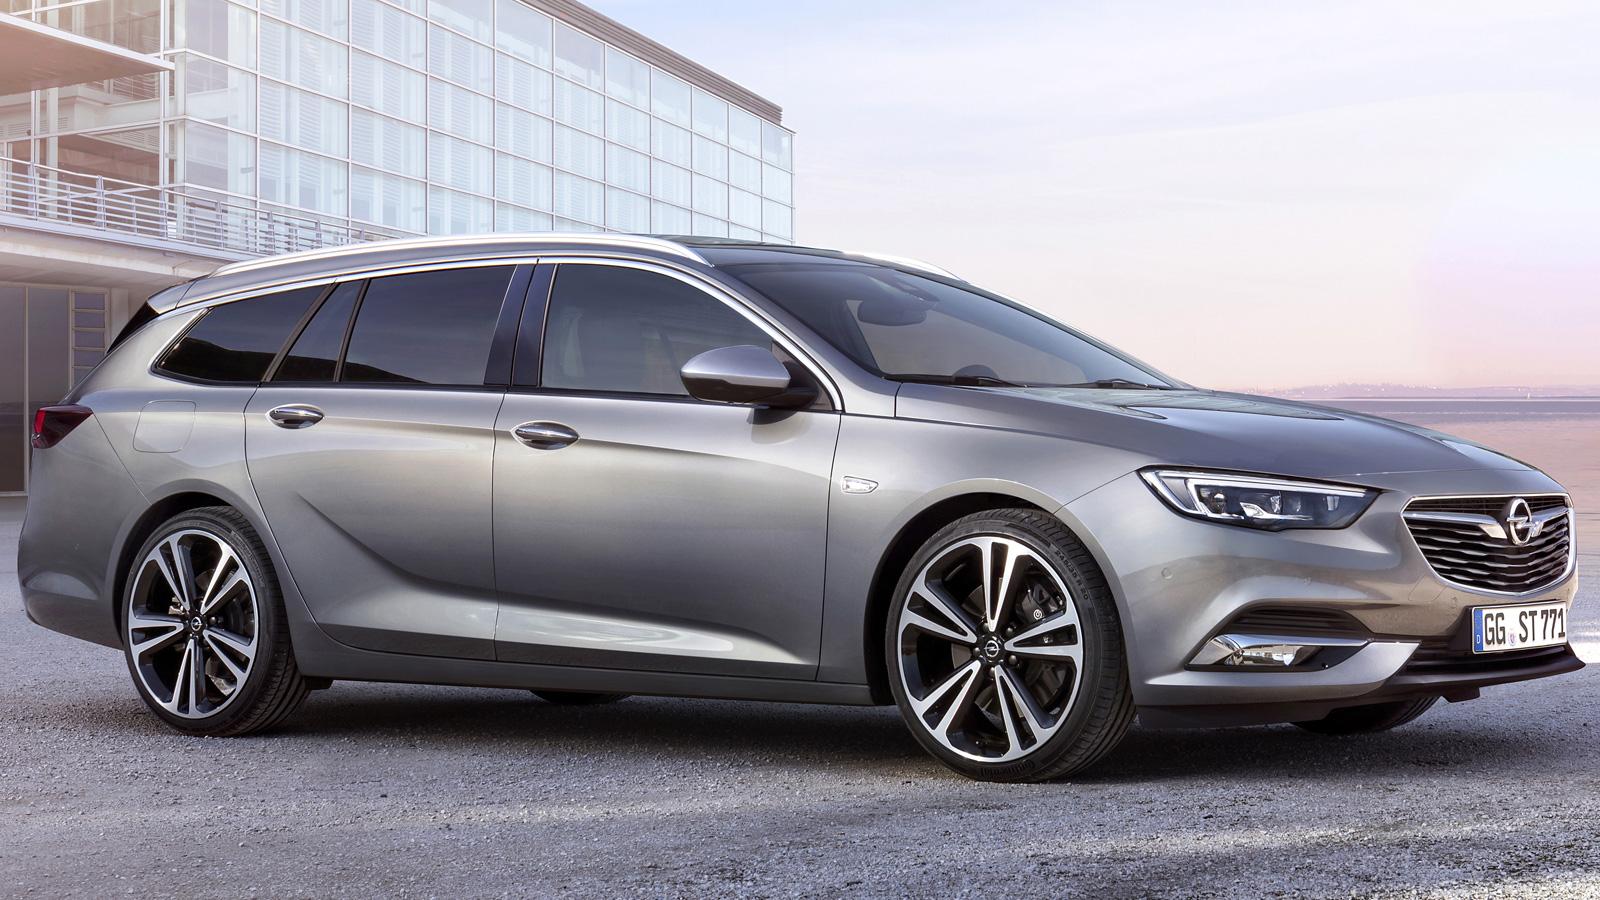 Новый Opel Insignia 2019 - фото, характеристика, цена картинки